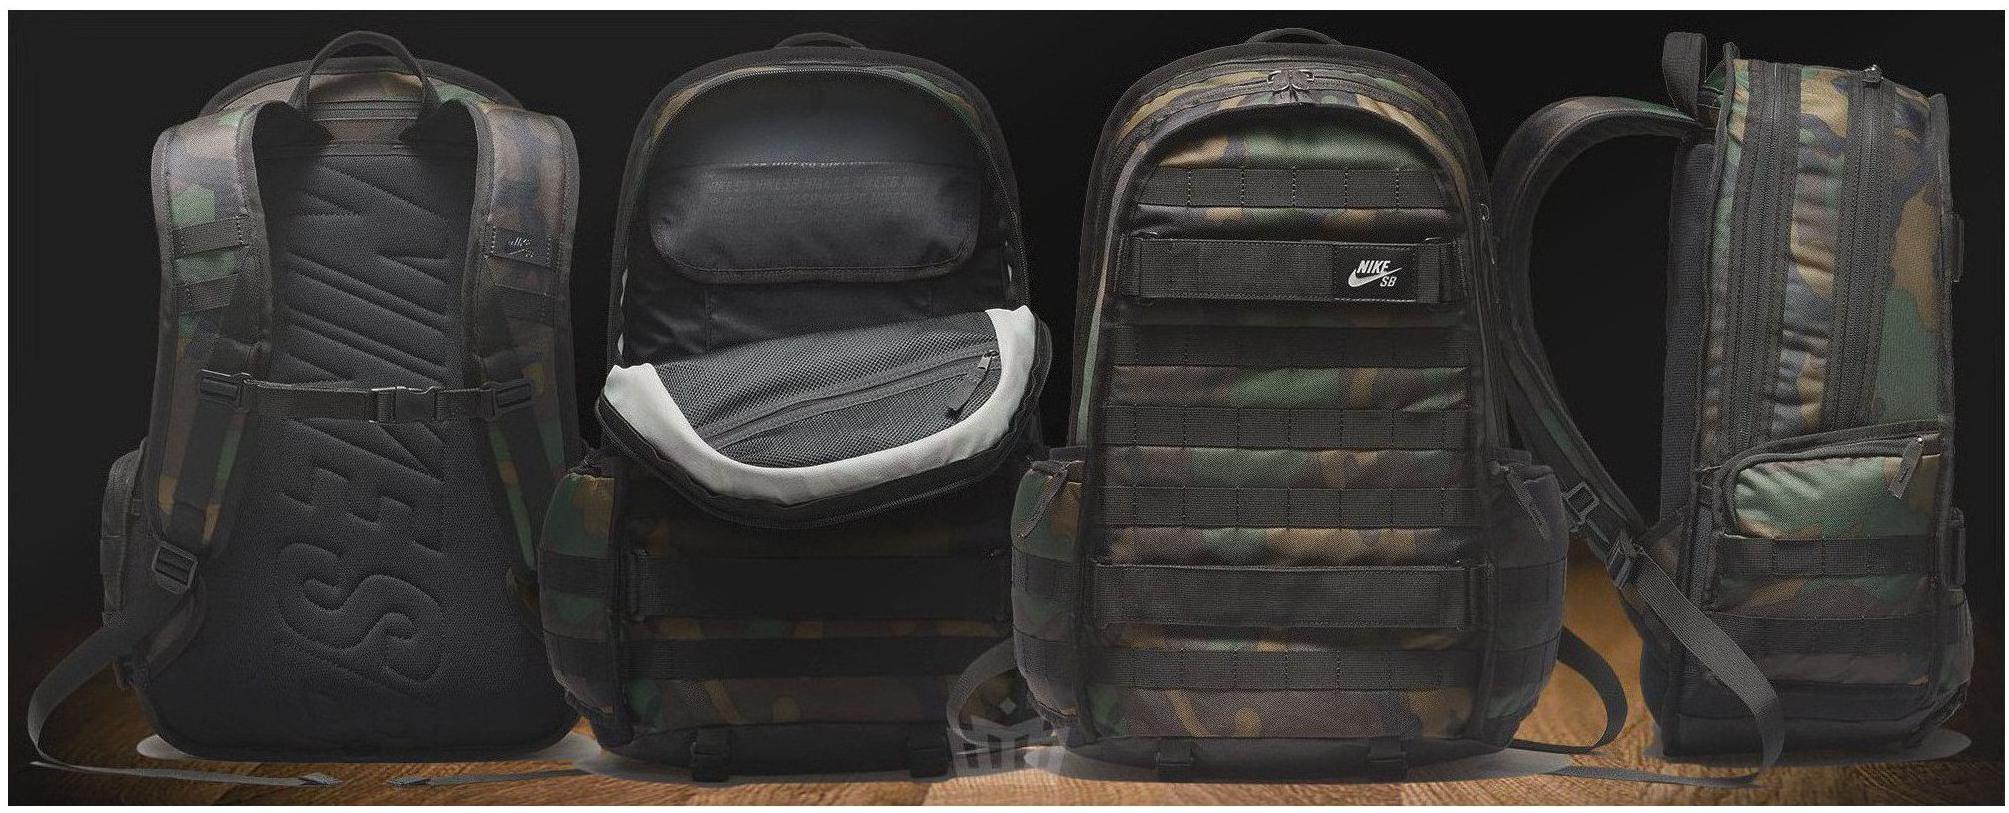 62ca534a44 Pánský batoh Nike SB RPM GRAPHIC zelený. Kód výrobce   BA5404-223